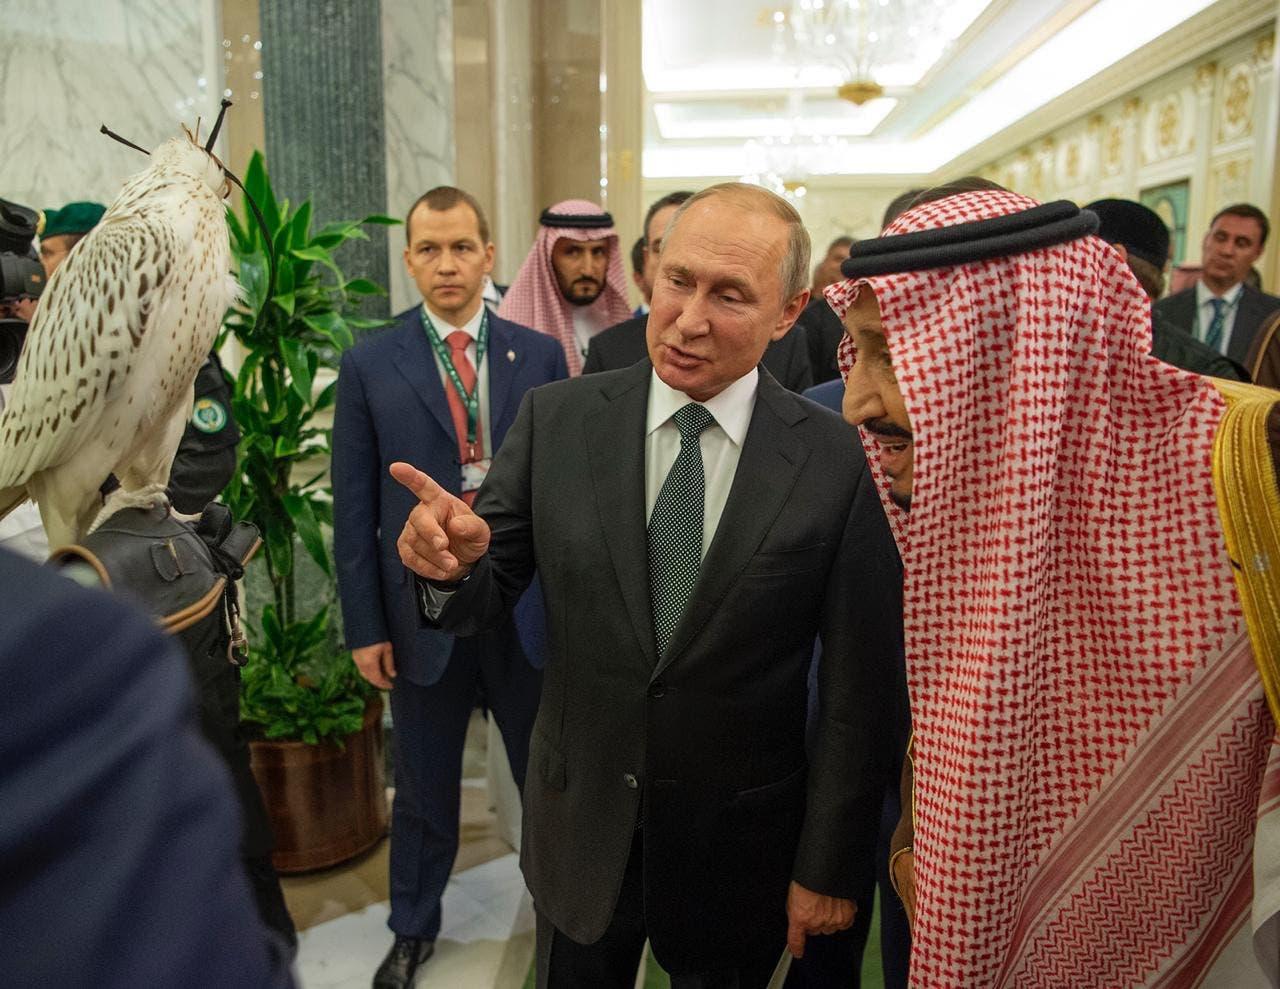 بوتين يهدي صقر للملك سلمان